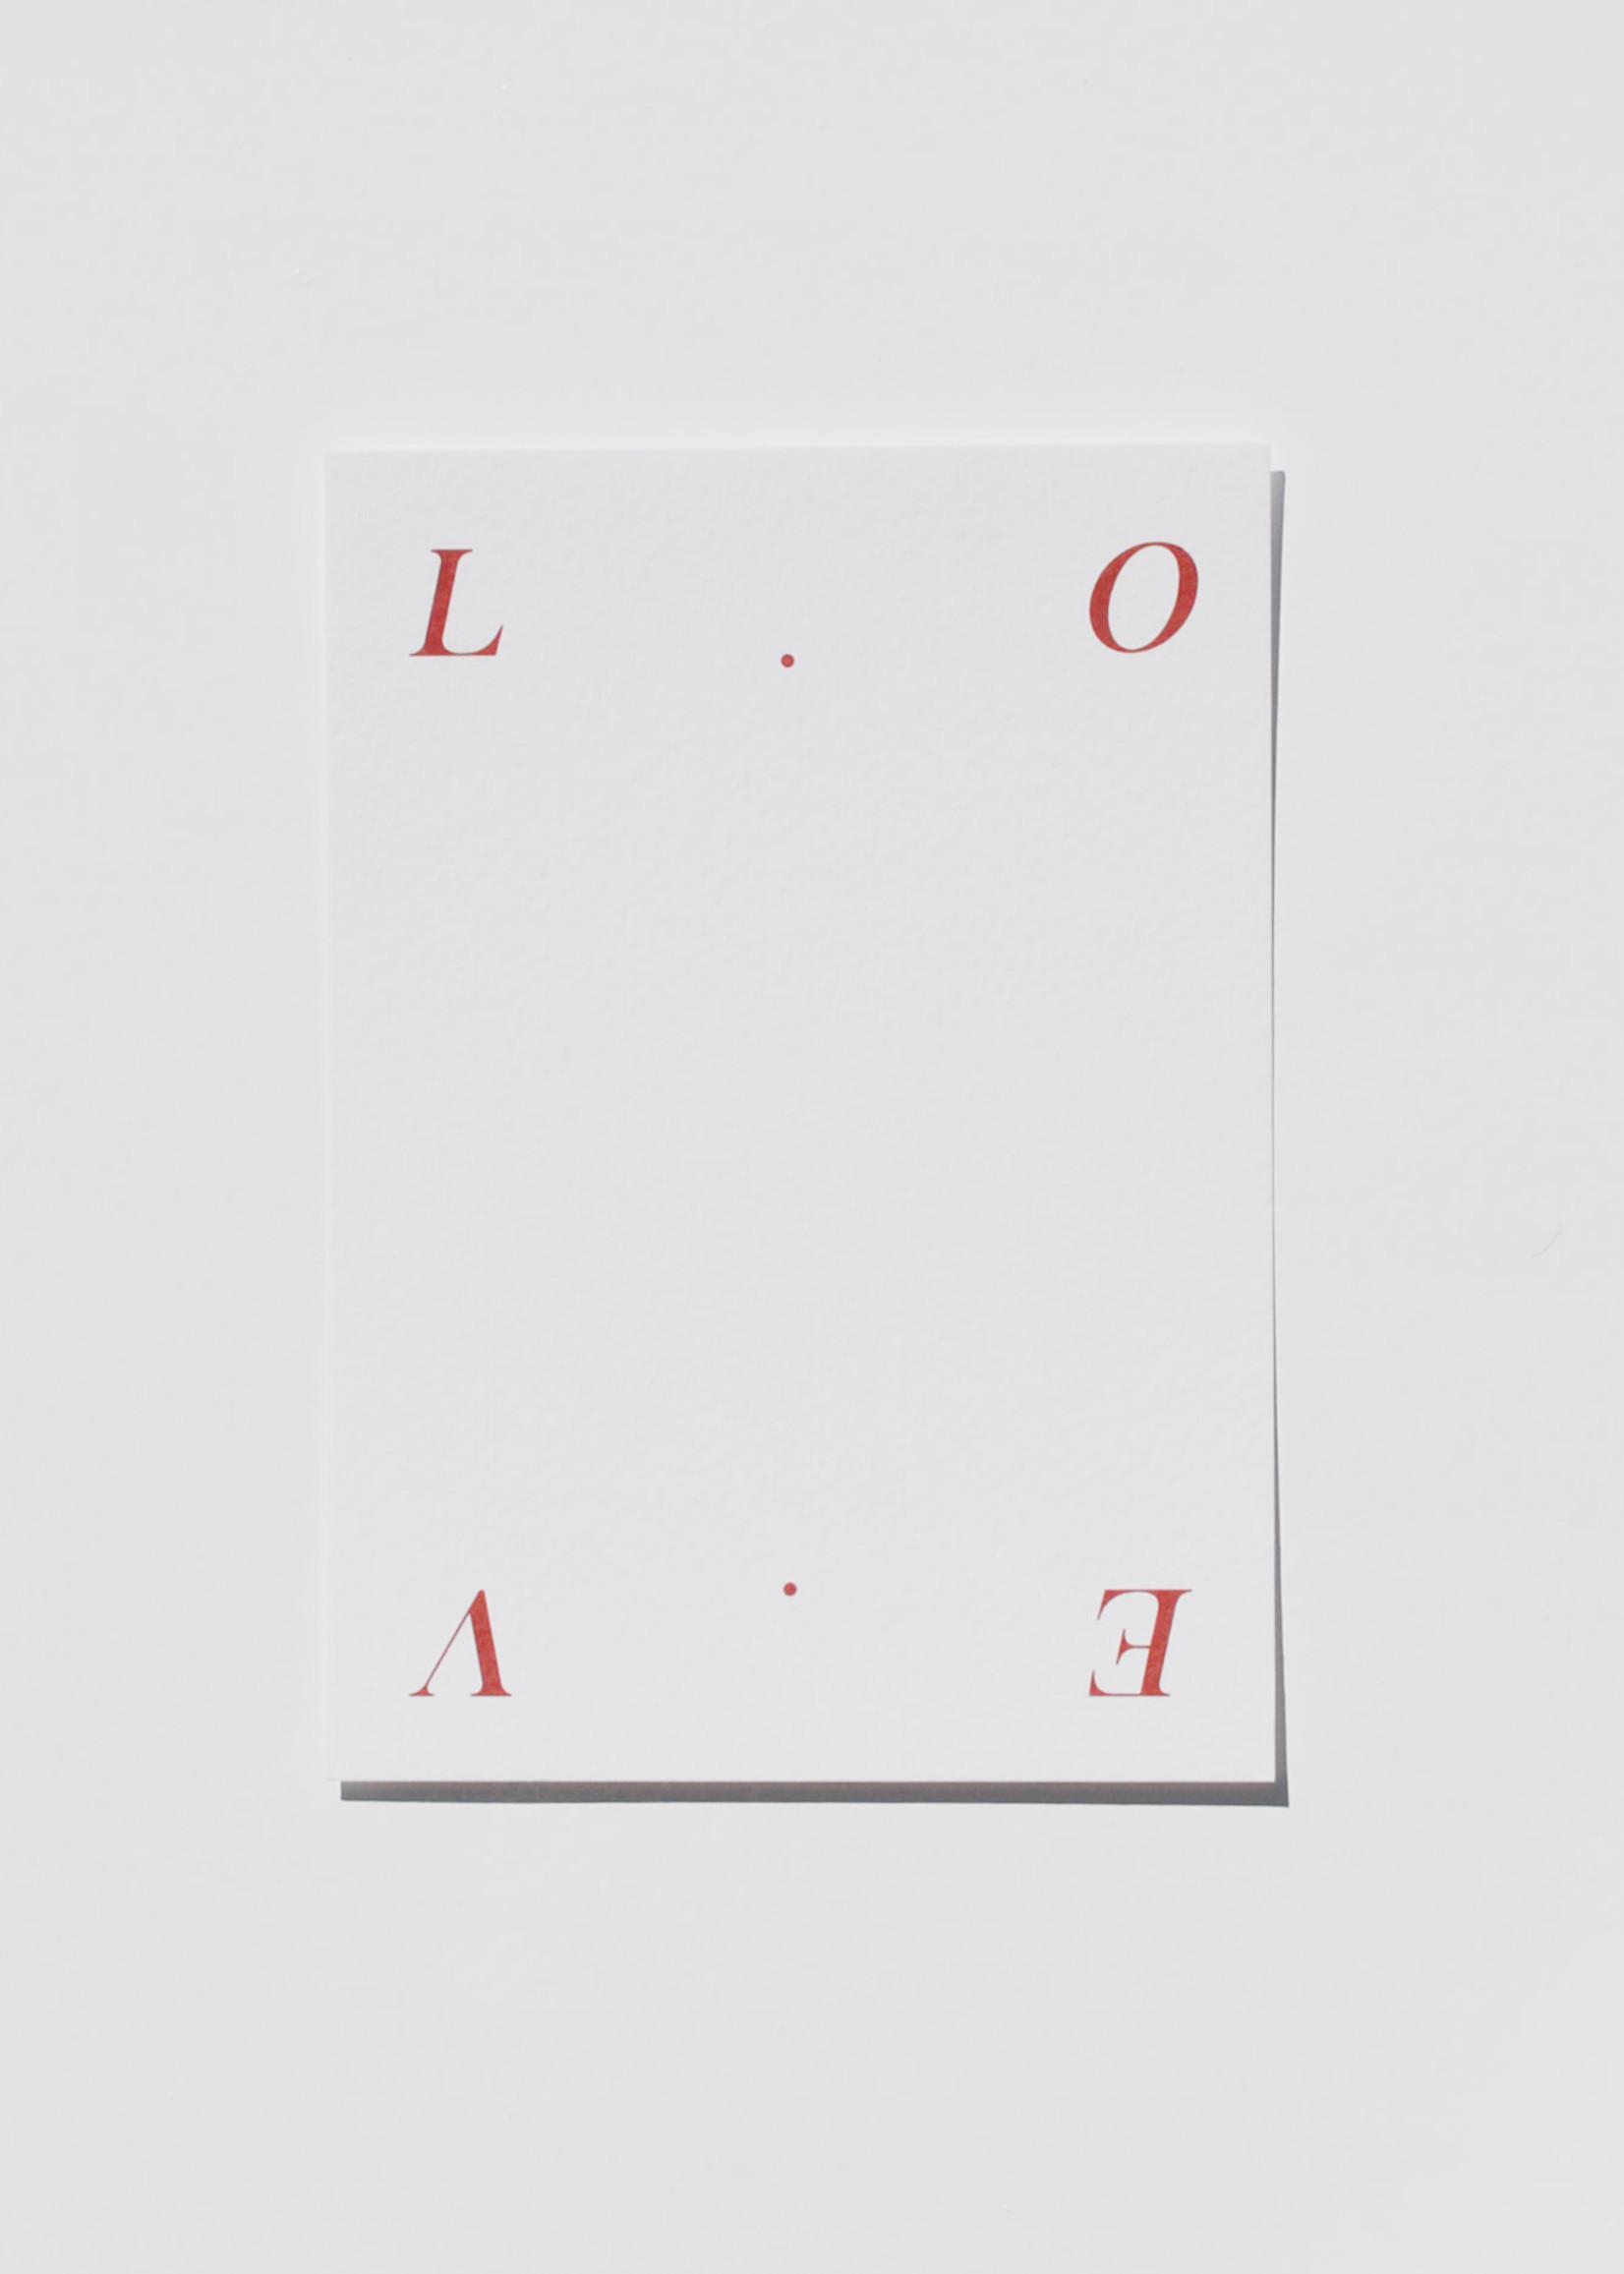 Mood card - L.O.V.E.